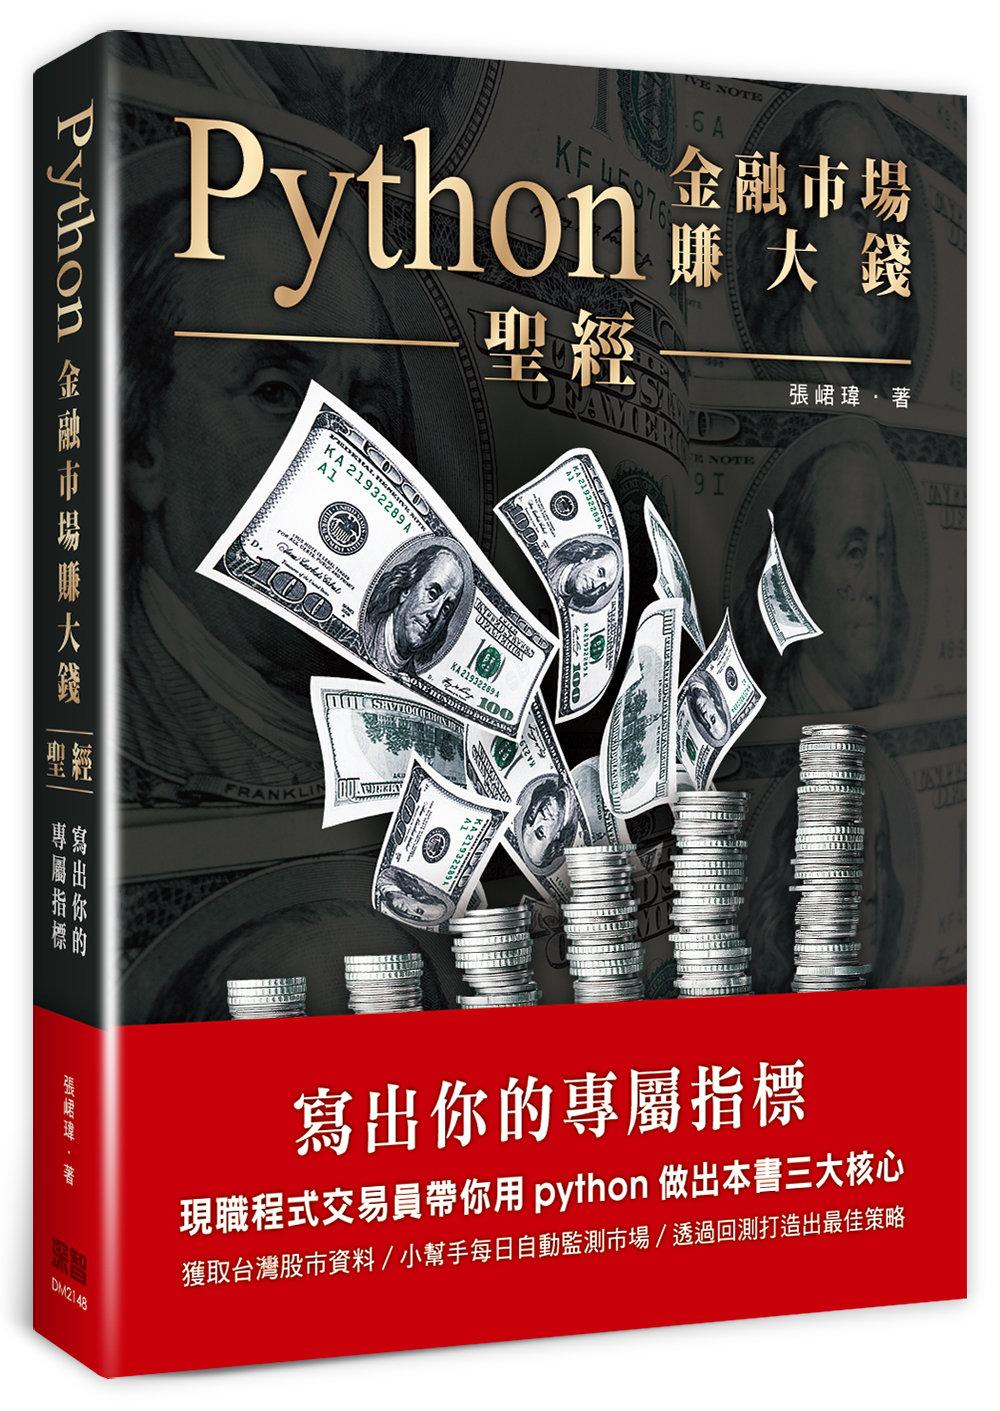 Python 金融市場賺大錢聖經:寫出你的專屬指標-preview-1